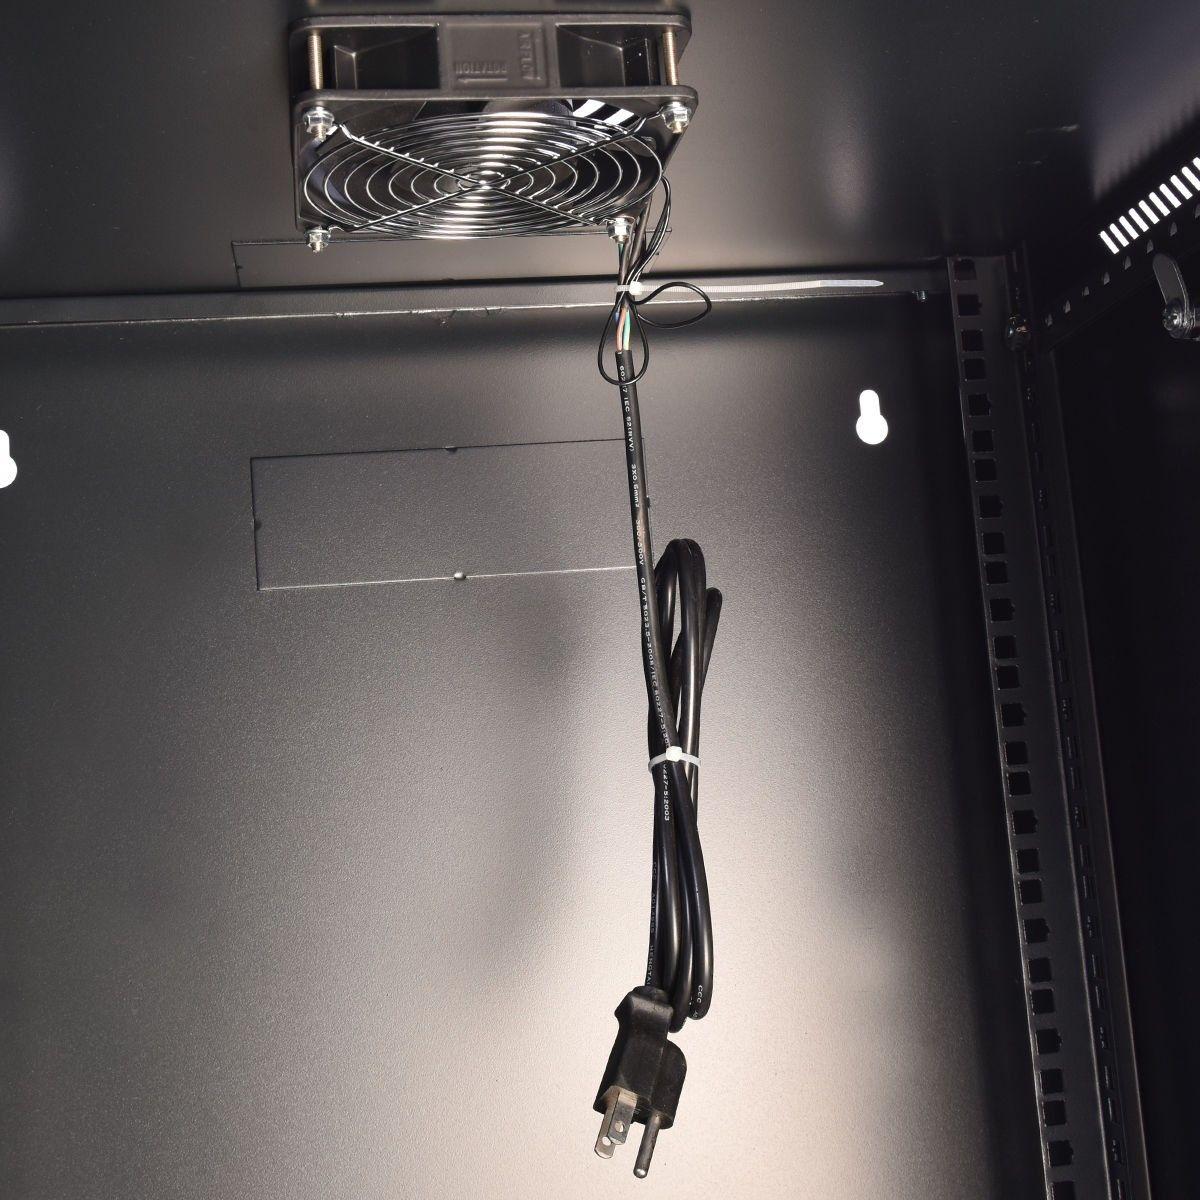 15u Wall Mount Network Server Data Cabinet Enclosure Rack Glass Door Lock W Fan Wall Mount Wall Panel Siding